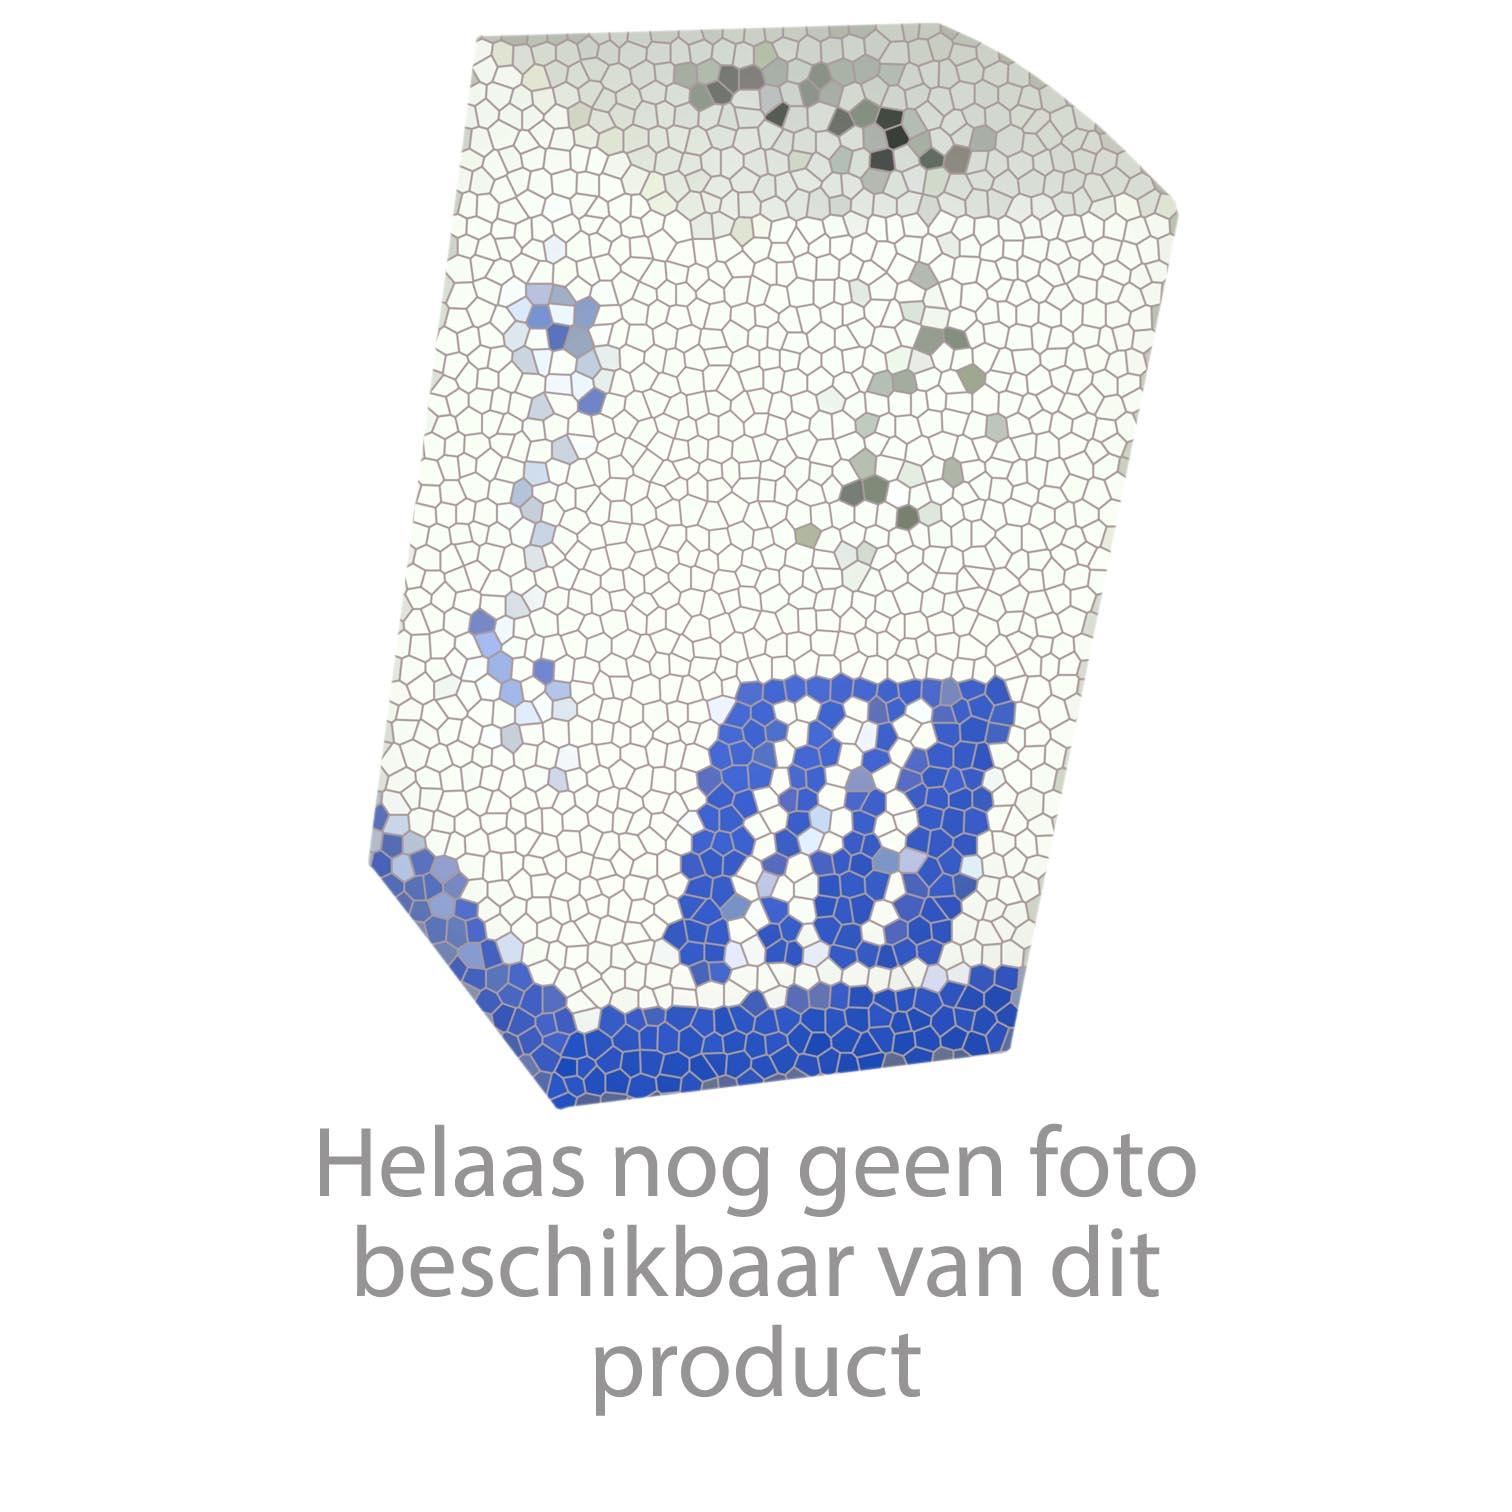 HansGrohe Keukenmengkranen Allegra Premia productiejaar 01/98 - 01/04 16813 onderdelen